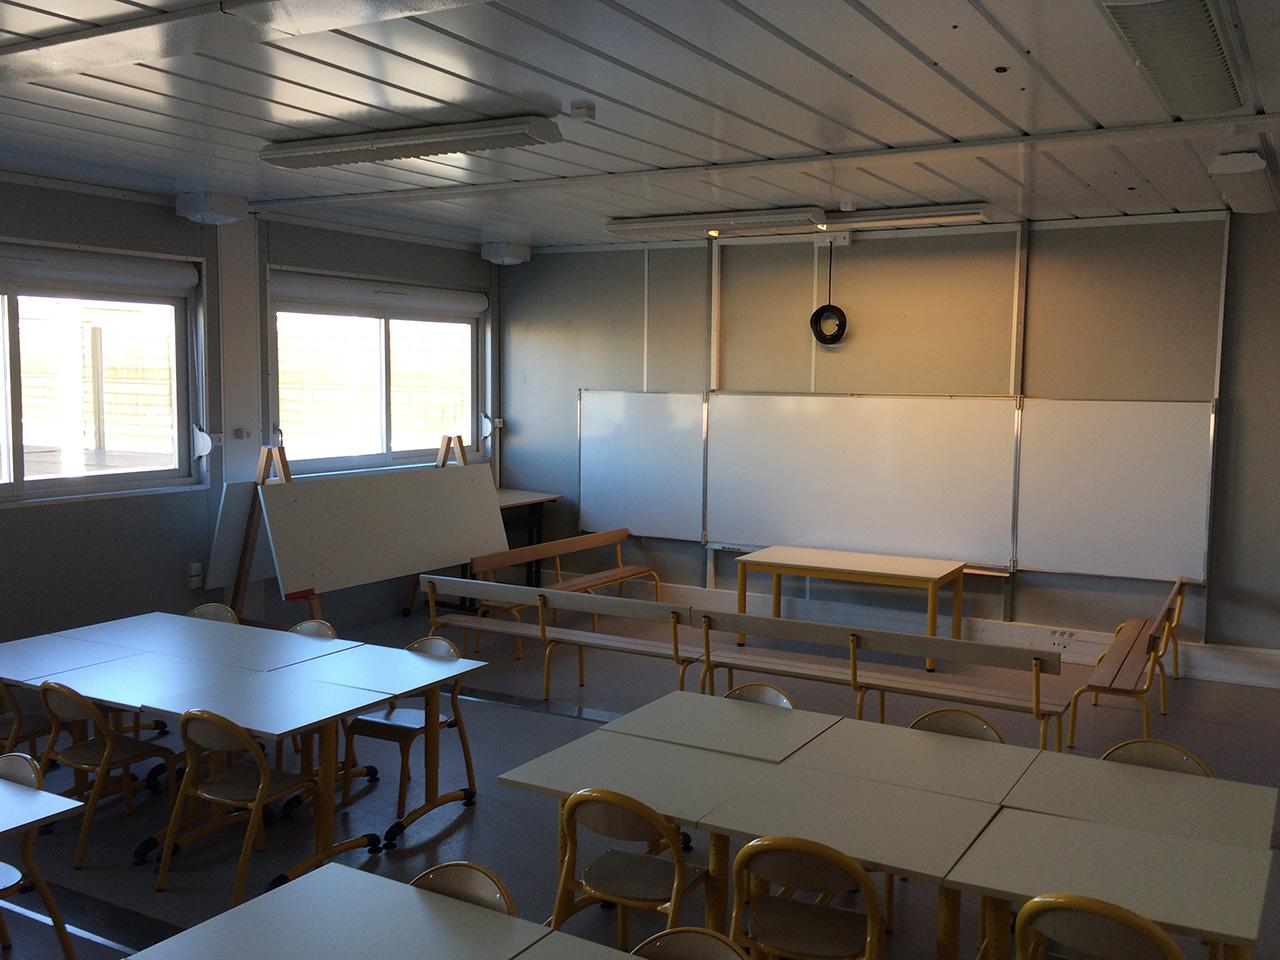 L'une des salles de classe de maternelle - LyonMag